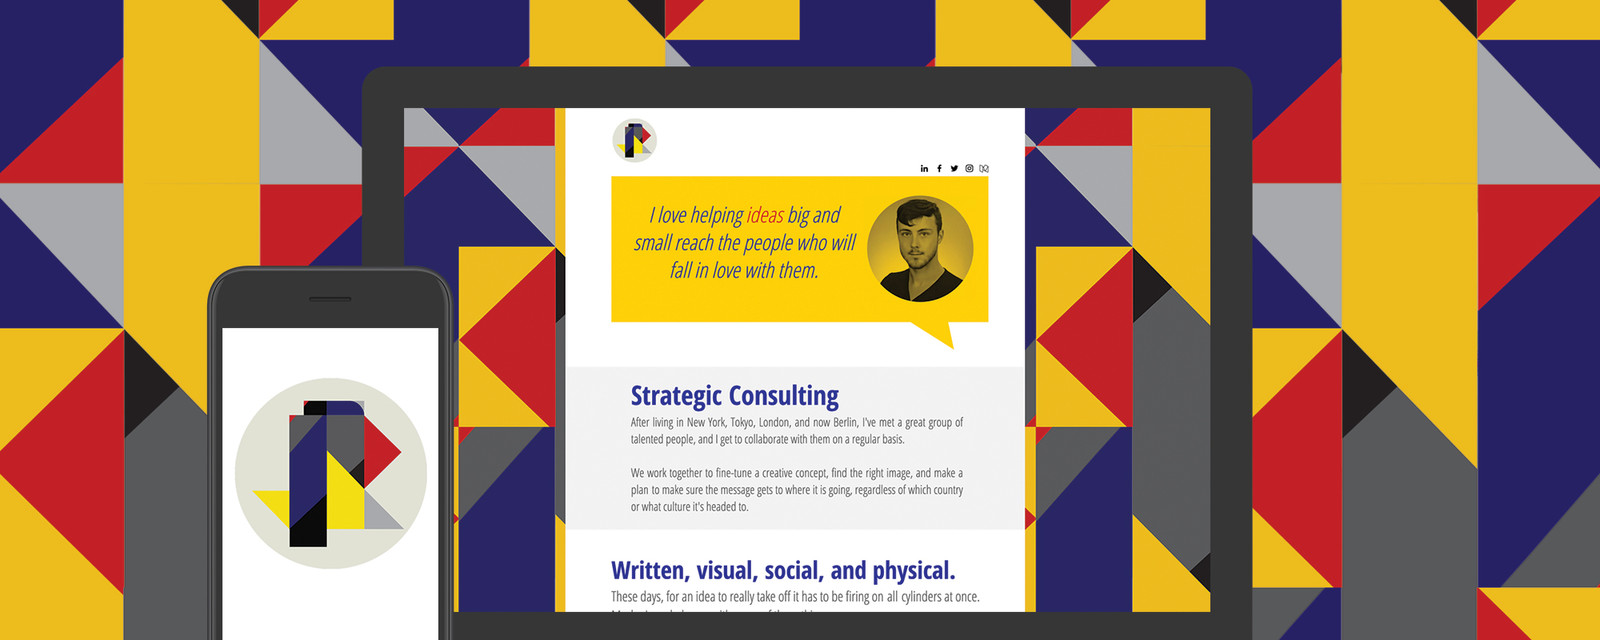 Otavio Santiago | Freelance Graphic Design | otaviosantiago com